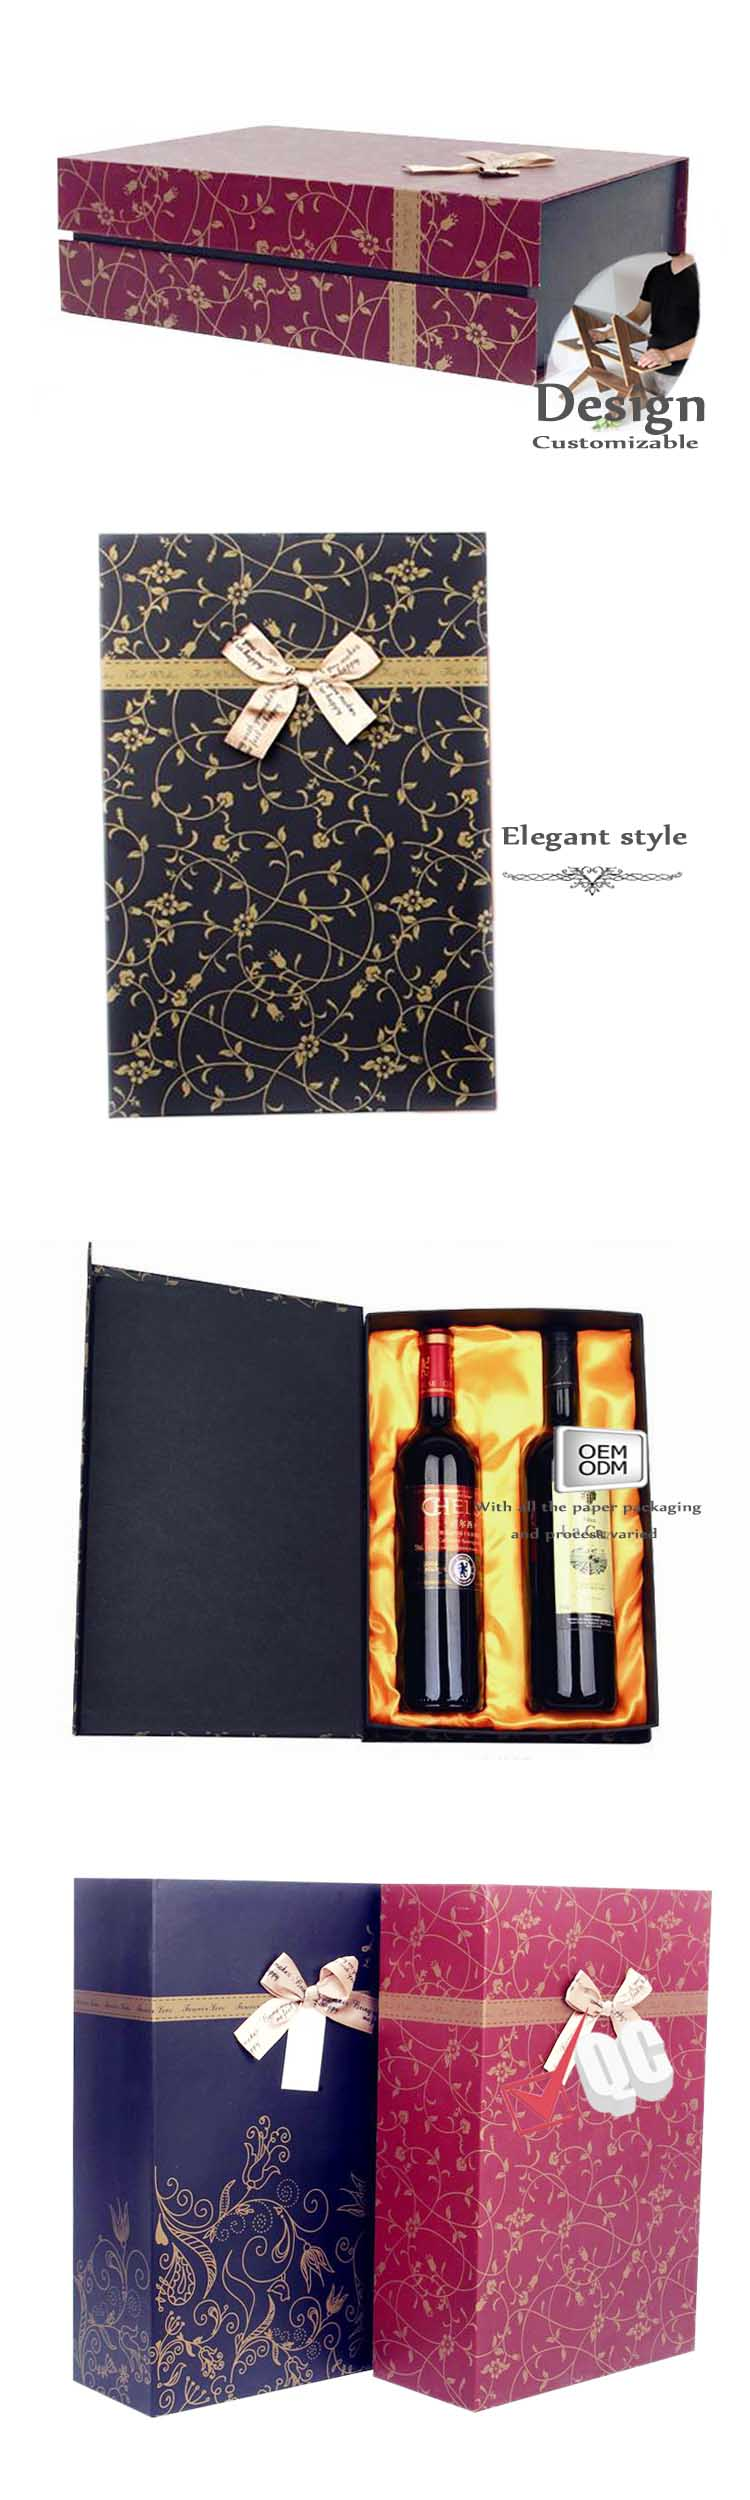 Как красиво упаковать бутылку в подарок - 12 идей - Мой ребенок 68